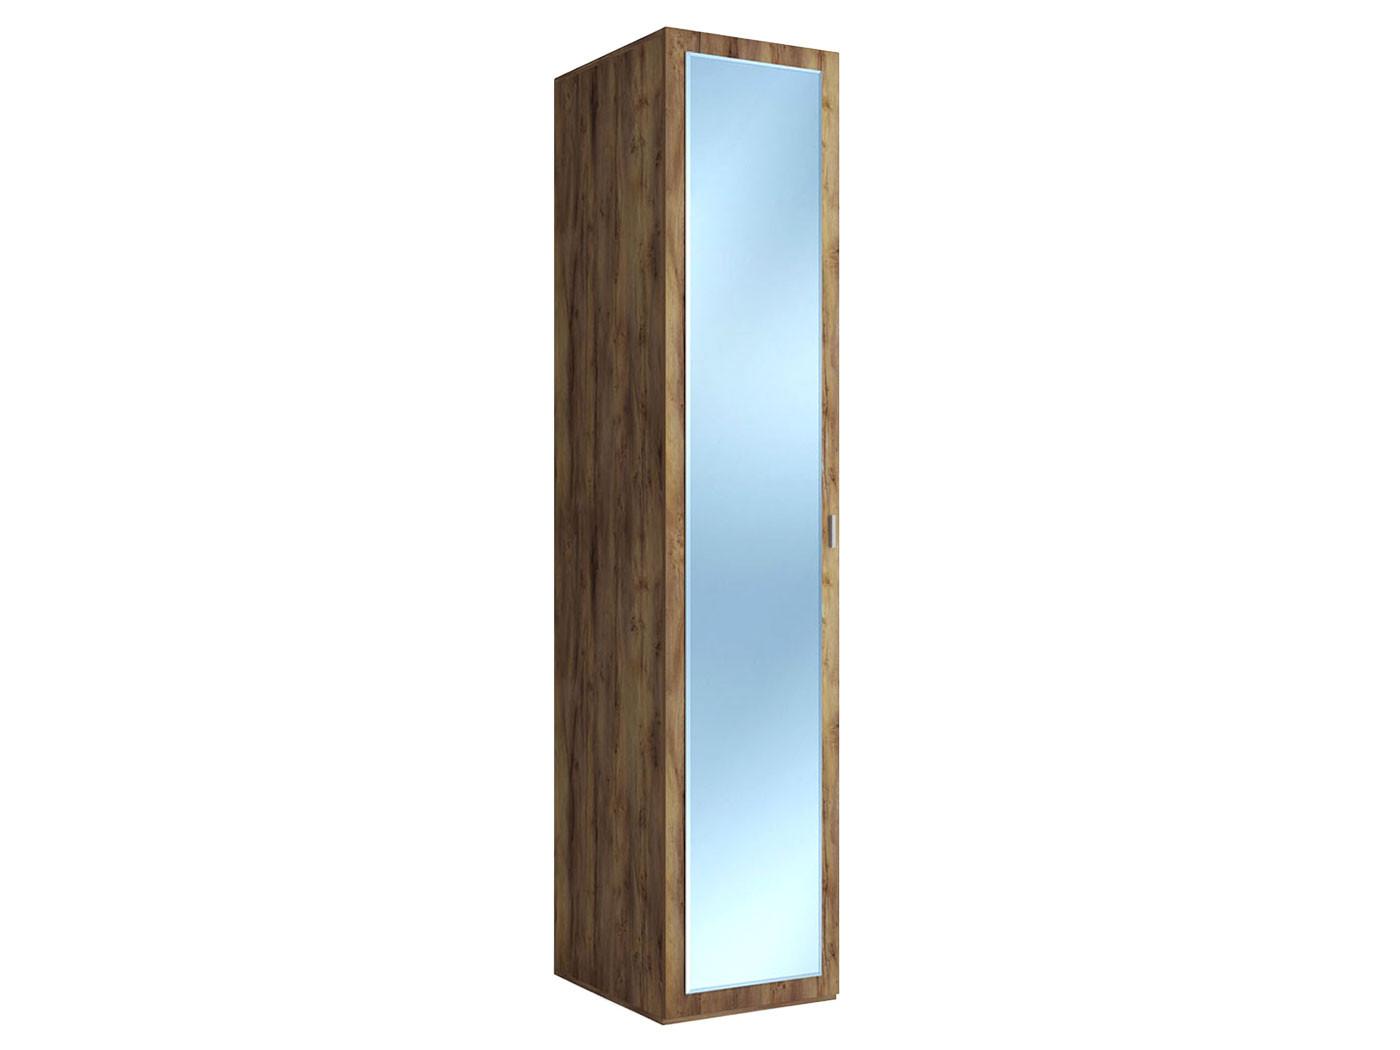 Распашной шкаф  Шкаф-пенал Вега Бавария Таксония медовая, С зеркалом КУРАЖ 104569